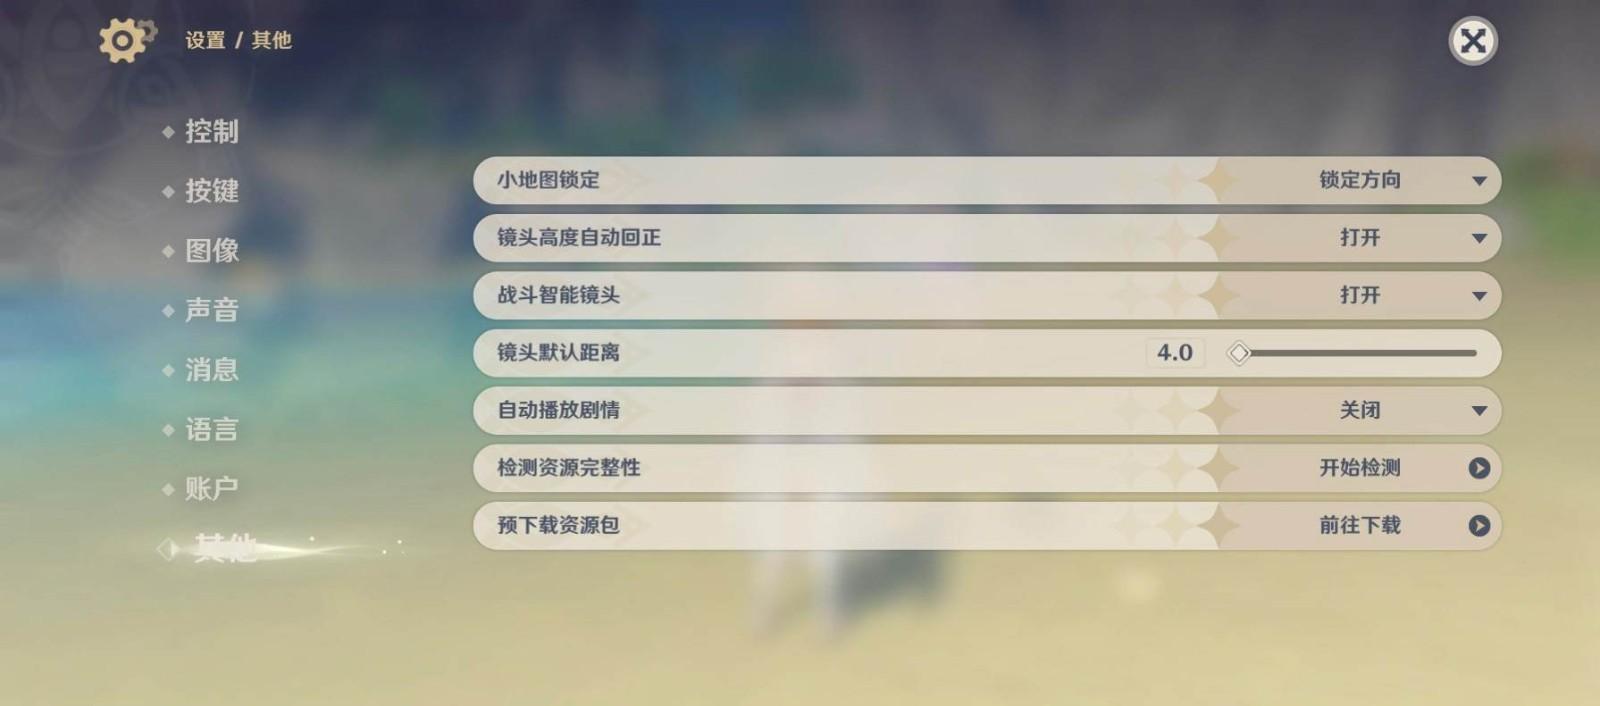 《原神》1.5版玉扉绕尘歌开启预载 4月28日上线